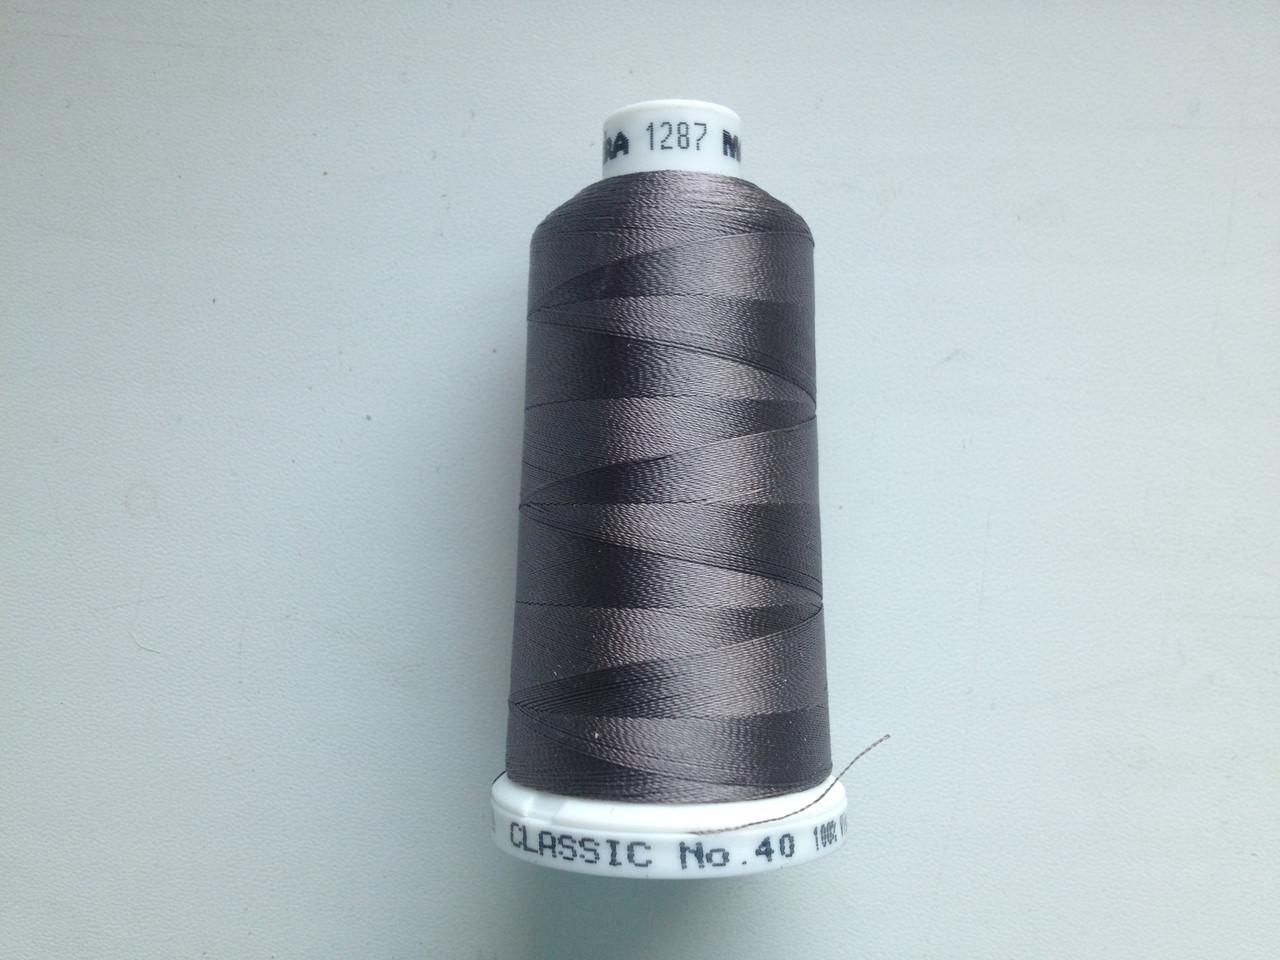 Нитки для машинной вышивки   Madeira Classic №40.  цвет 1287.  1000 м